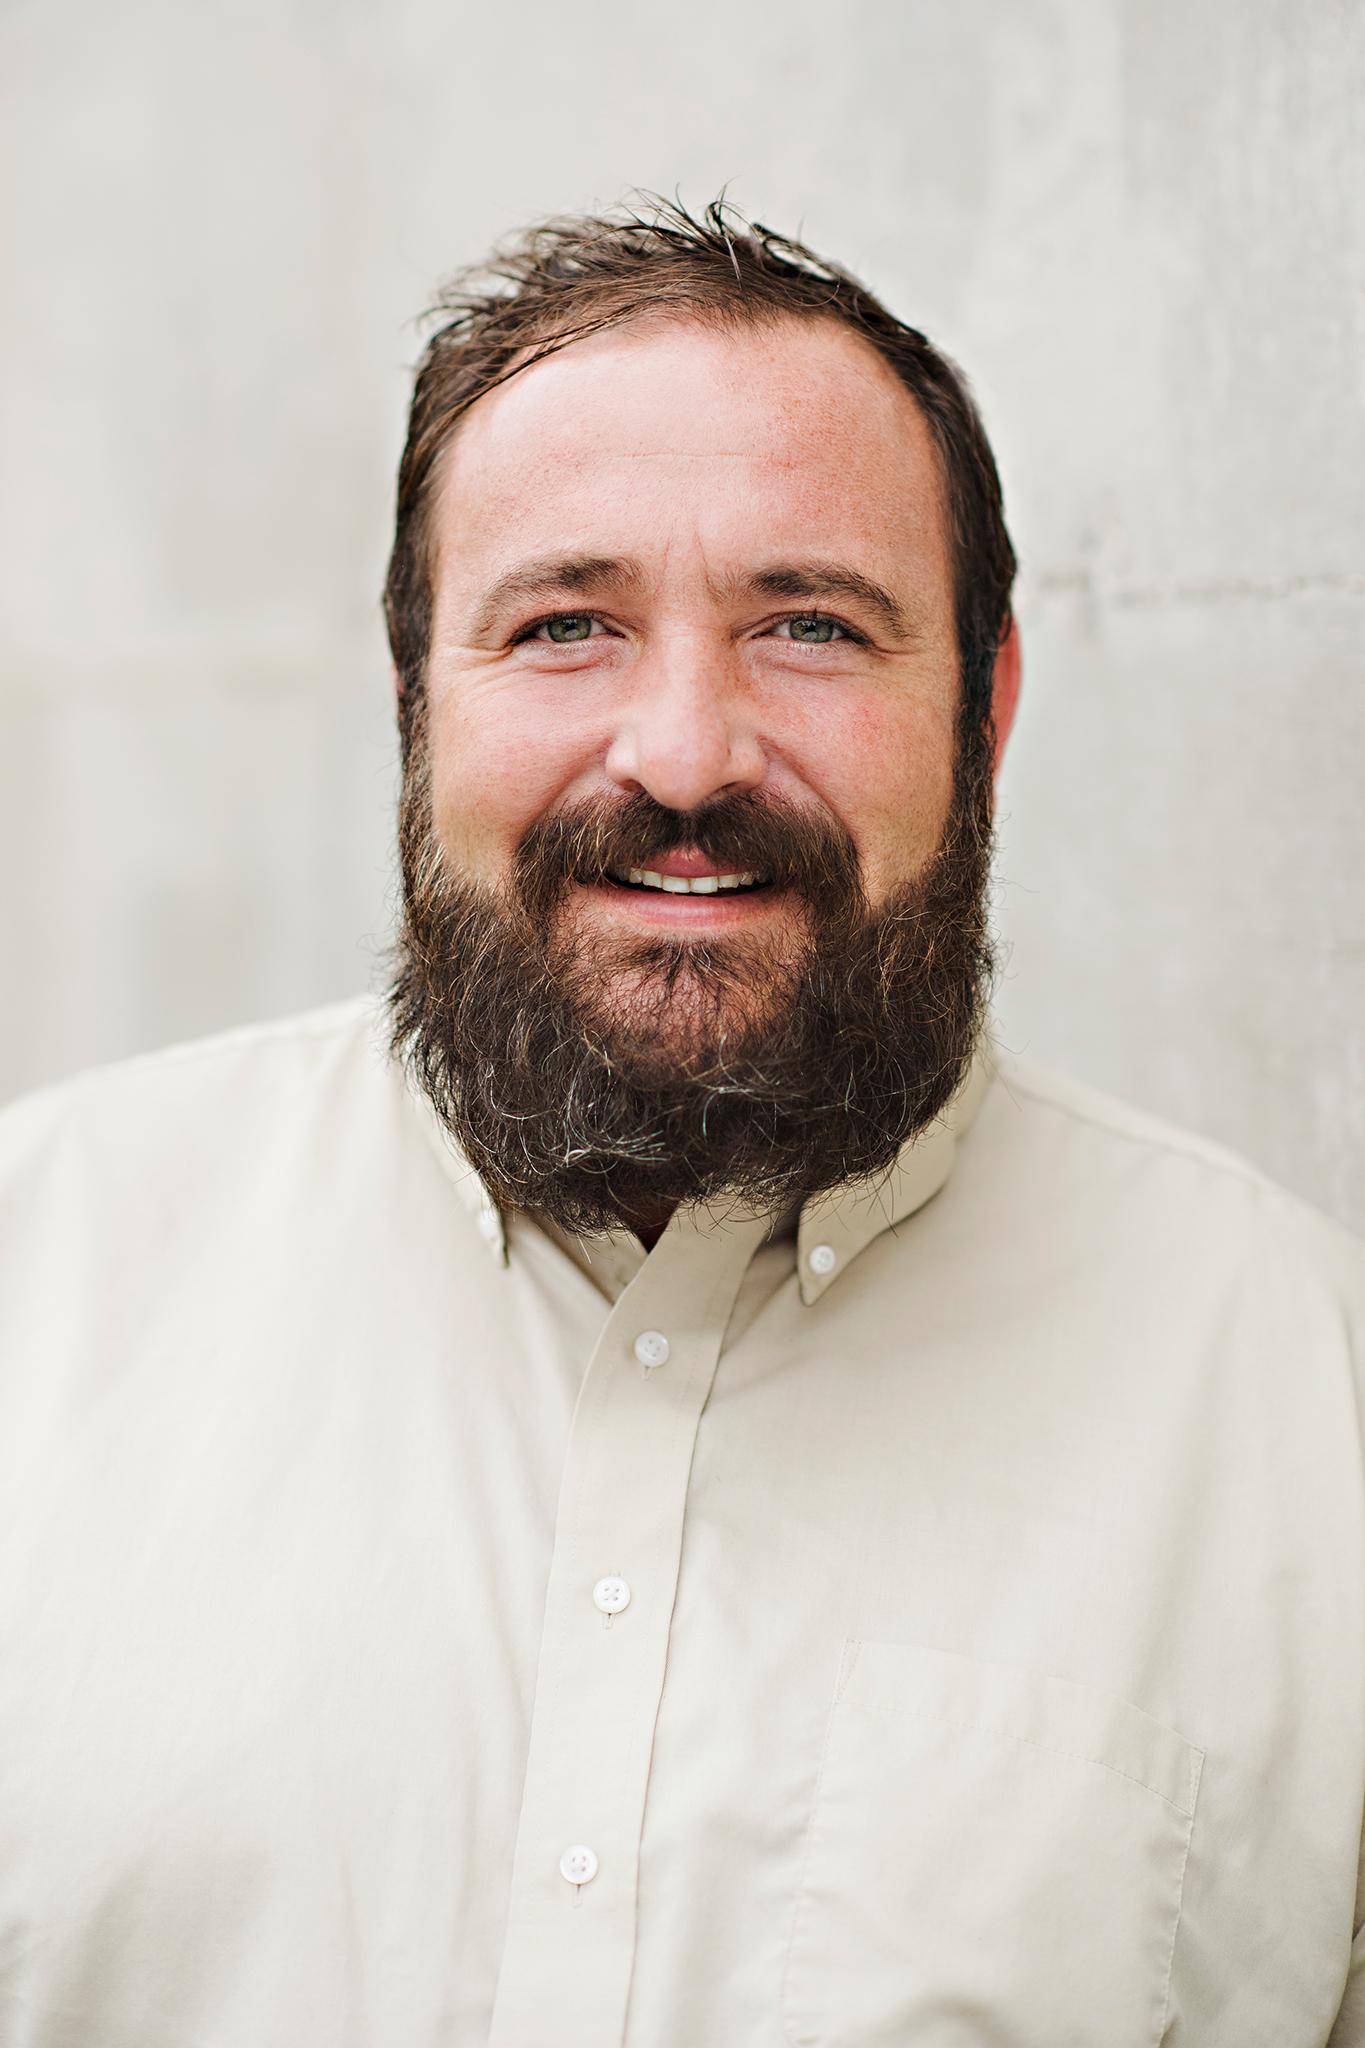 Patrick McMahon